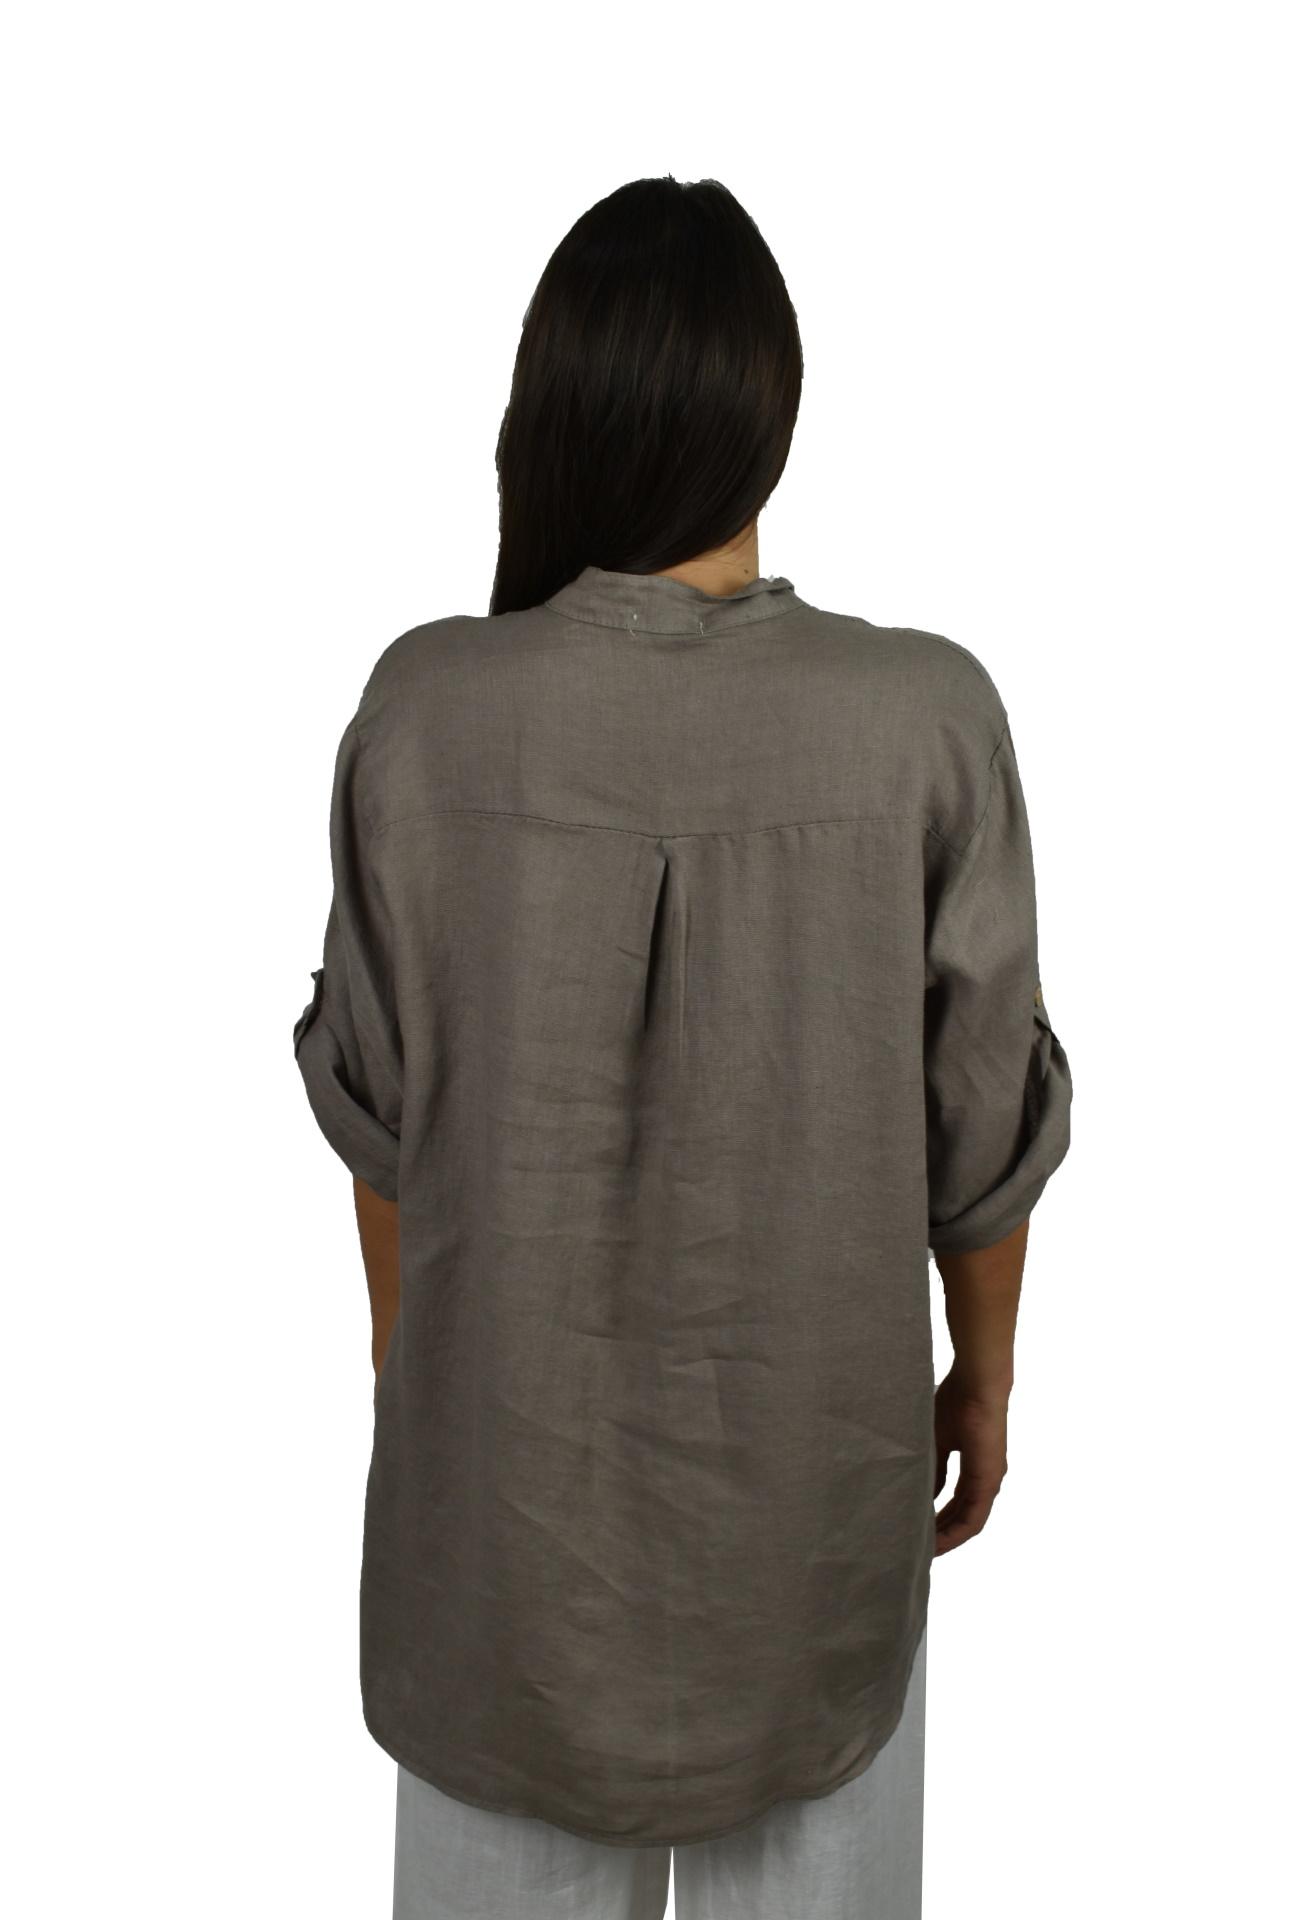 CAMMAXPE2102 FANGO CAMICIA DA DONNA MANICA 34 100 LINO 1 1stAmerican camicia manica 3/4 da donna 100% lino Made in Italy - vestito collo a y da spiaggia donna